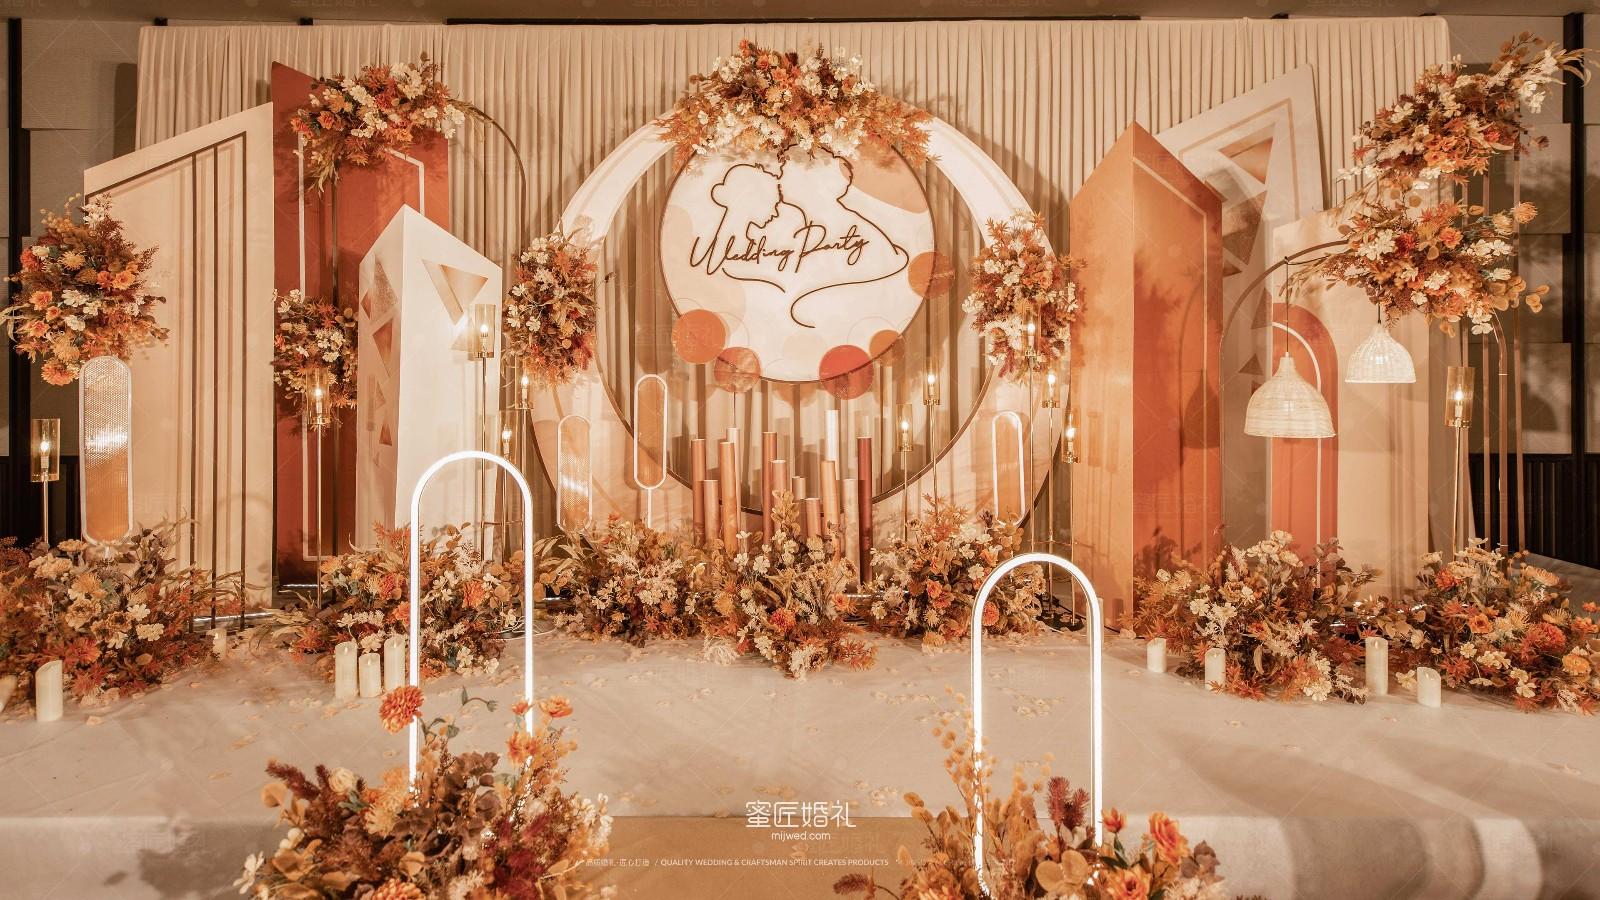 好看的婚礼布置图片 酒店婚礼布置图片大全